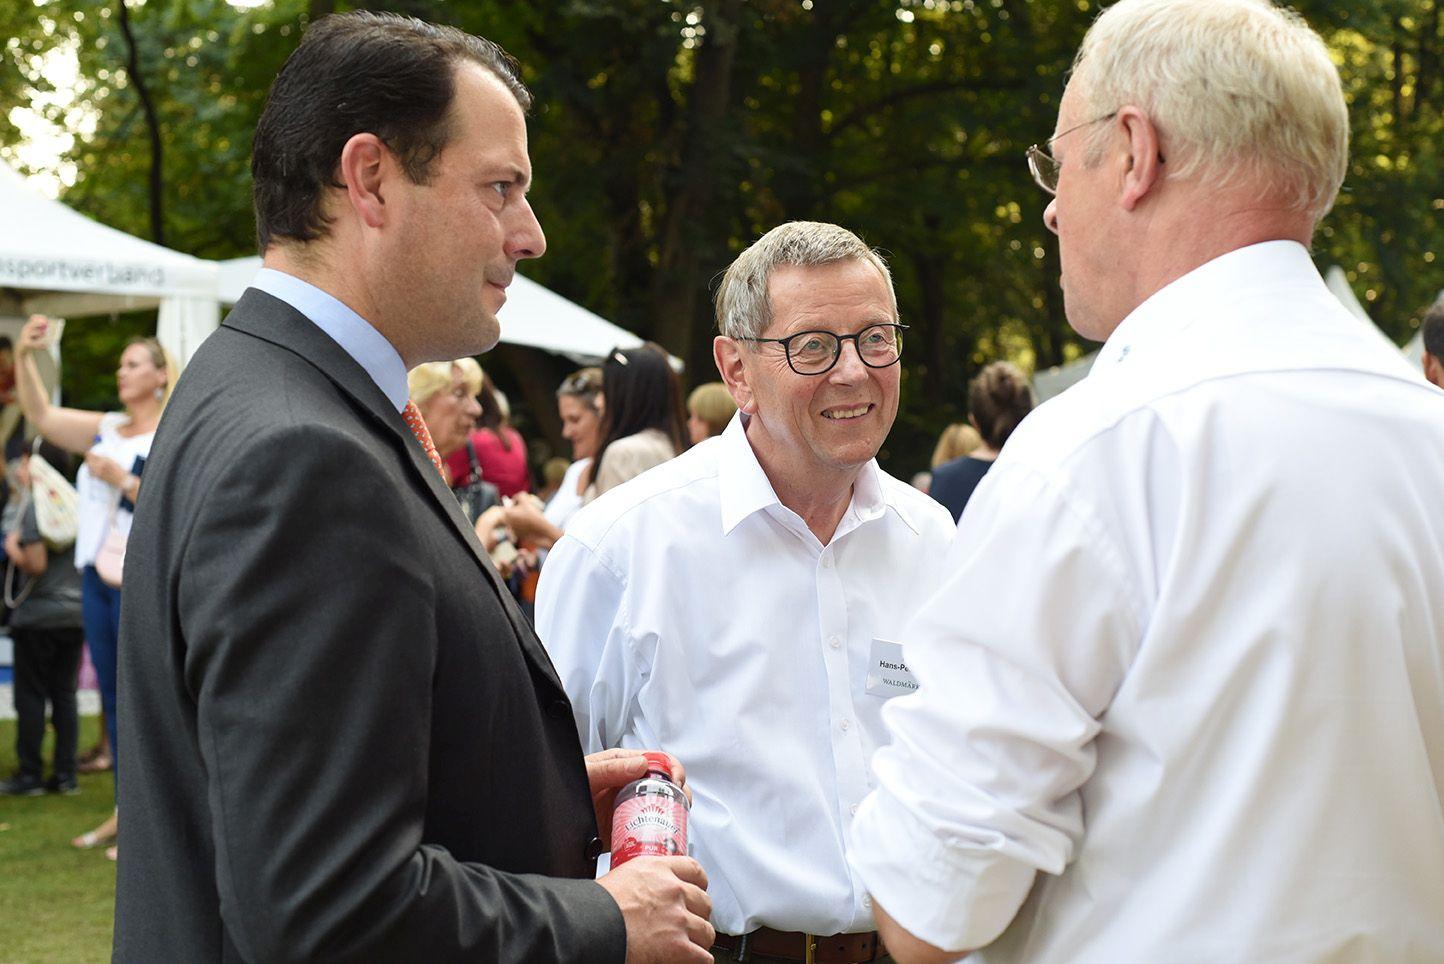 Bürgerfest 2016 in Niedersachsen: Phillip Freiherr zu Guttenberg